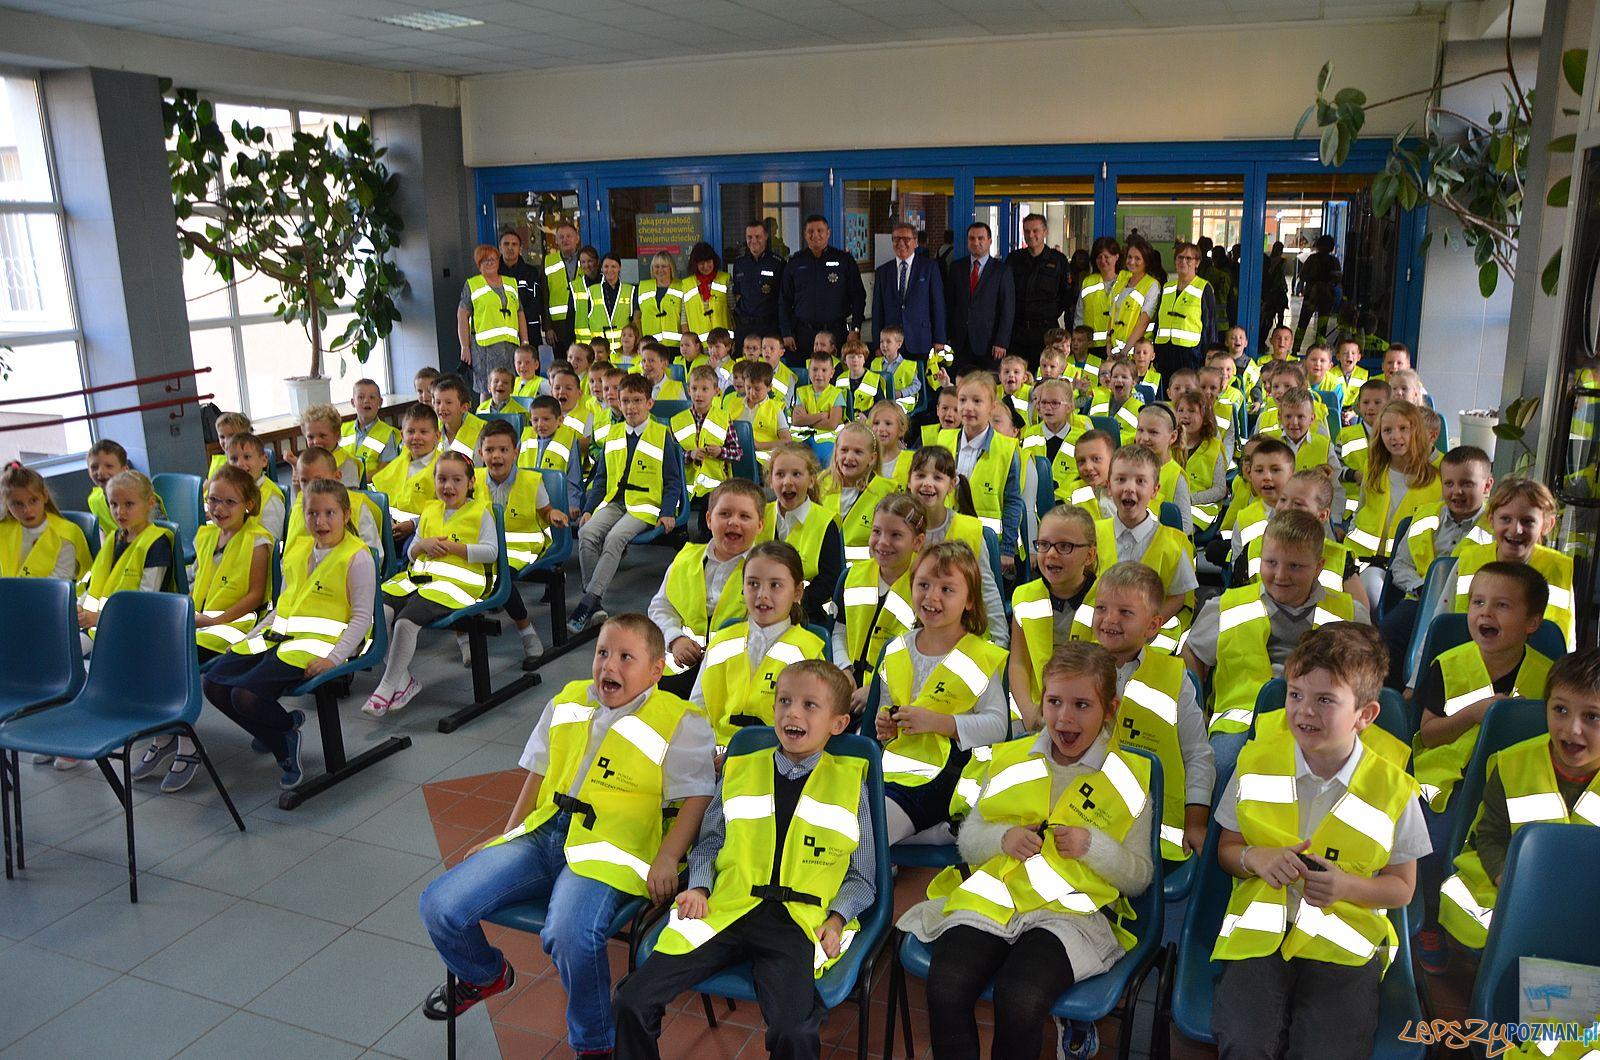 Odblaskowe kamizelki dla uczniów z Powiatu Poznanskiego (3)  Foto: materiały prasowe